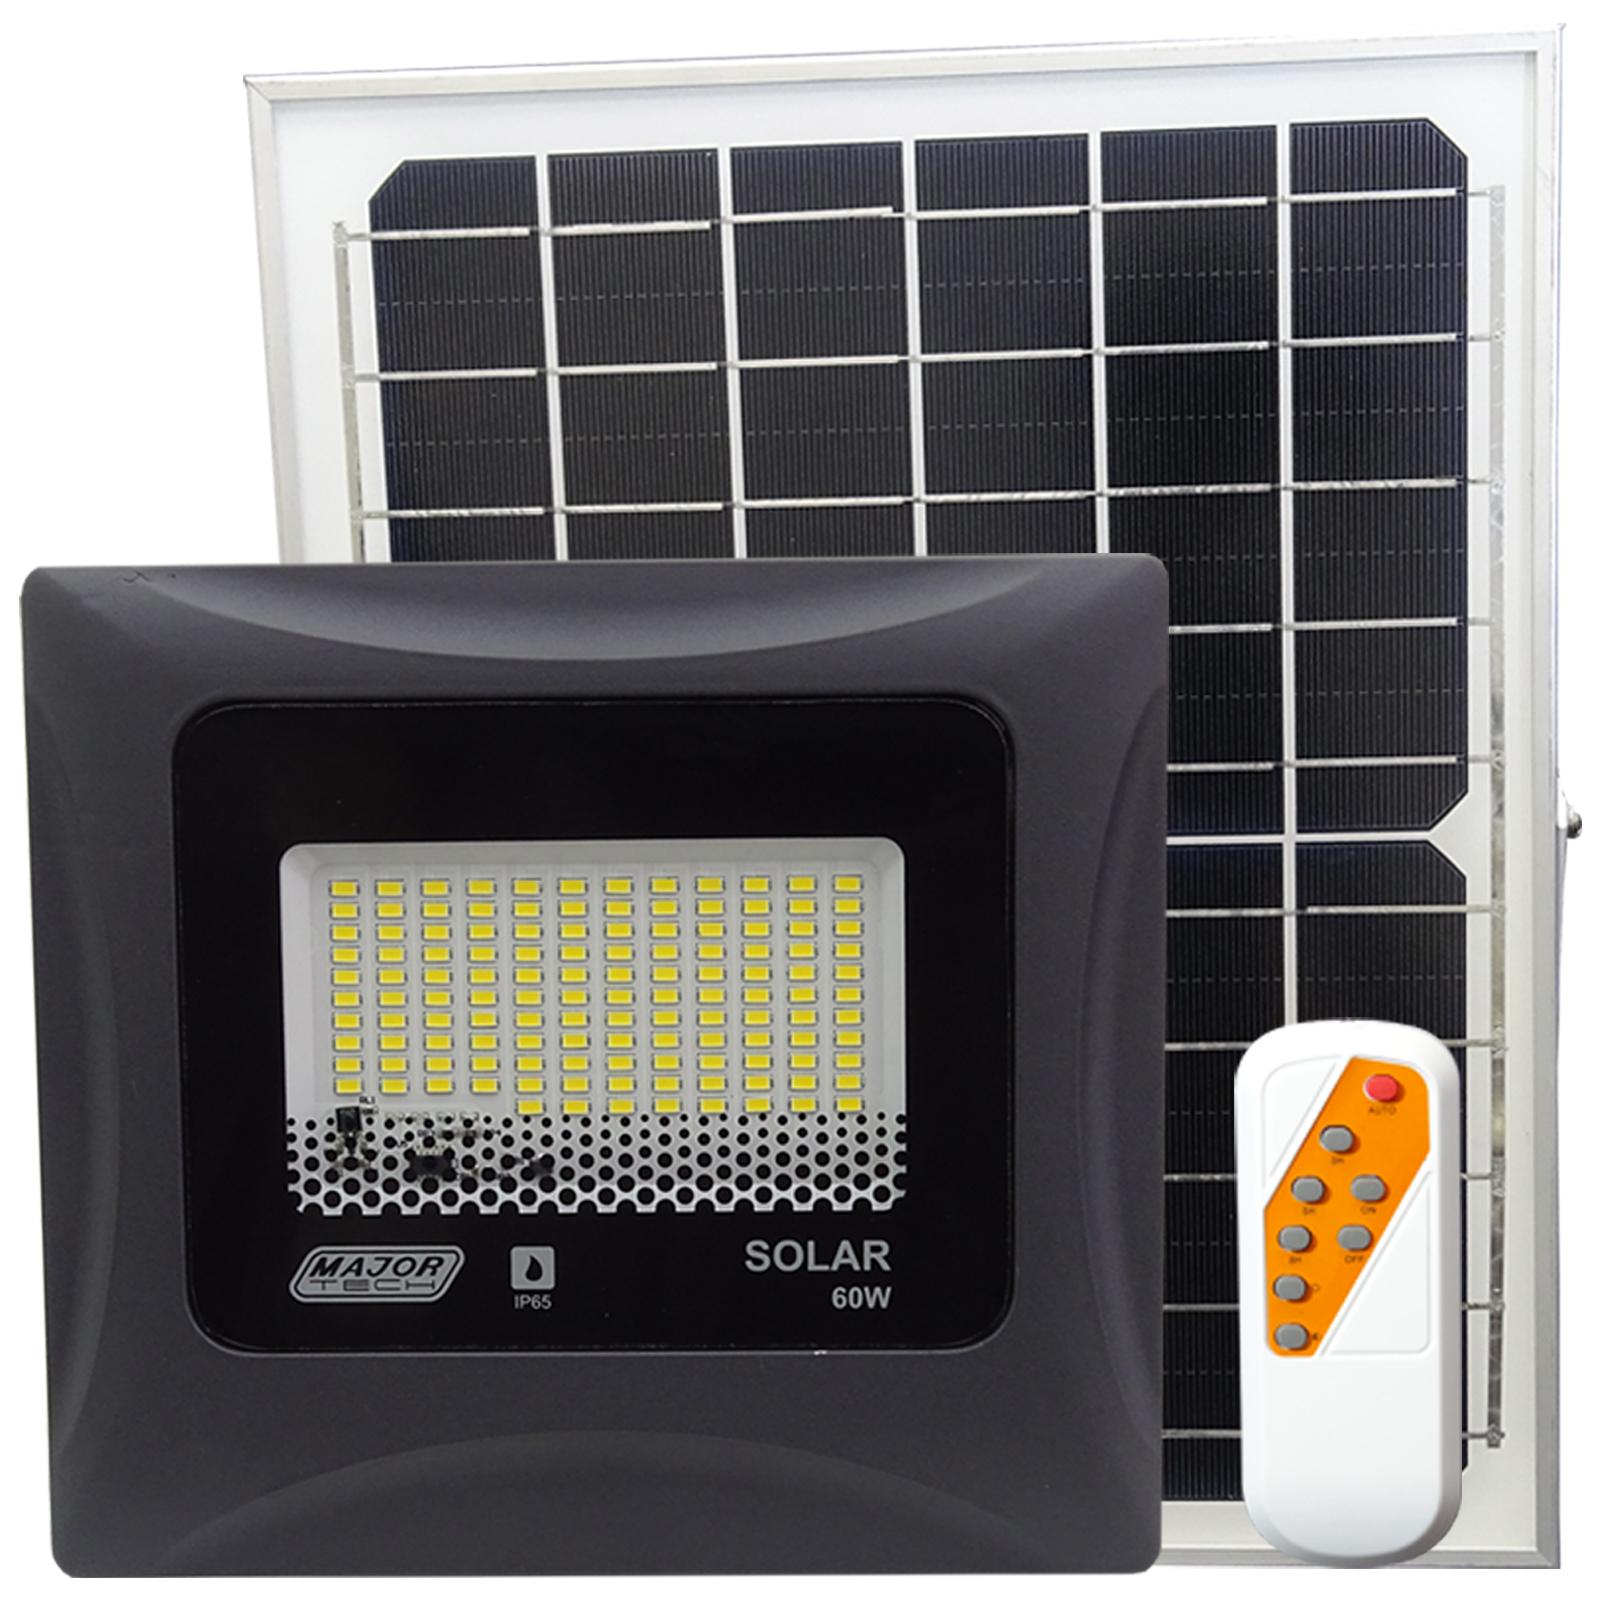 60W Solar Power LED Outdoor Flood Lights (STG11-60N) - Major Tech